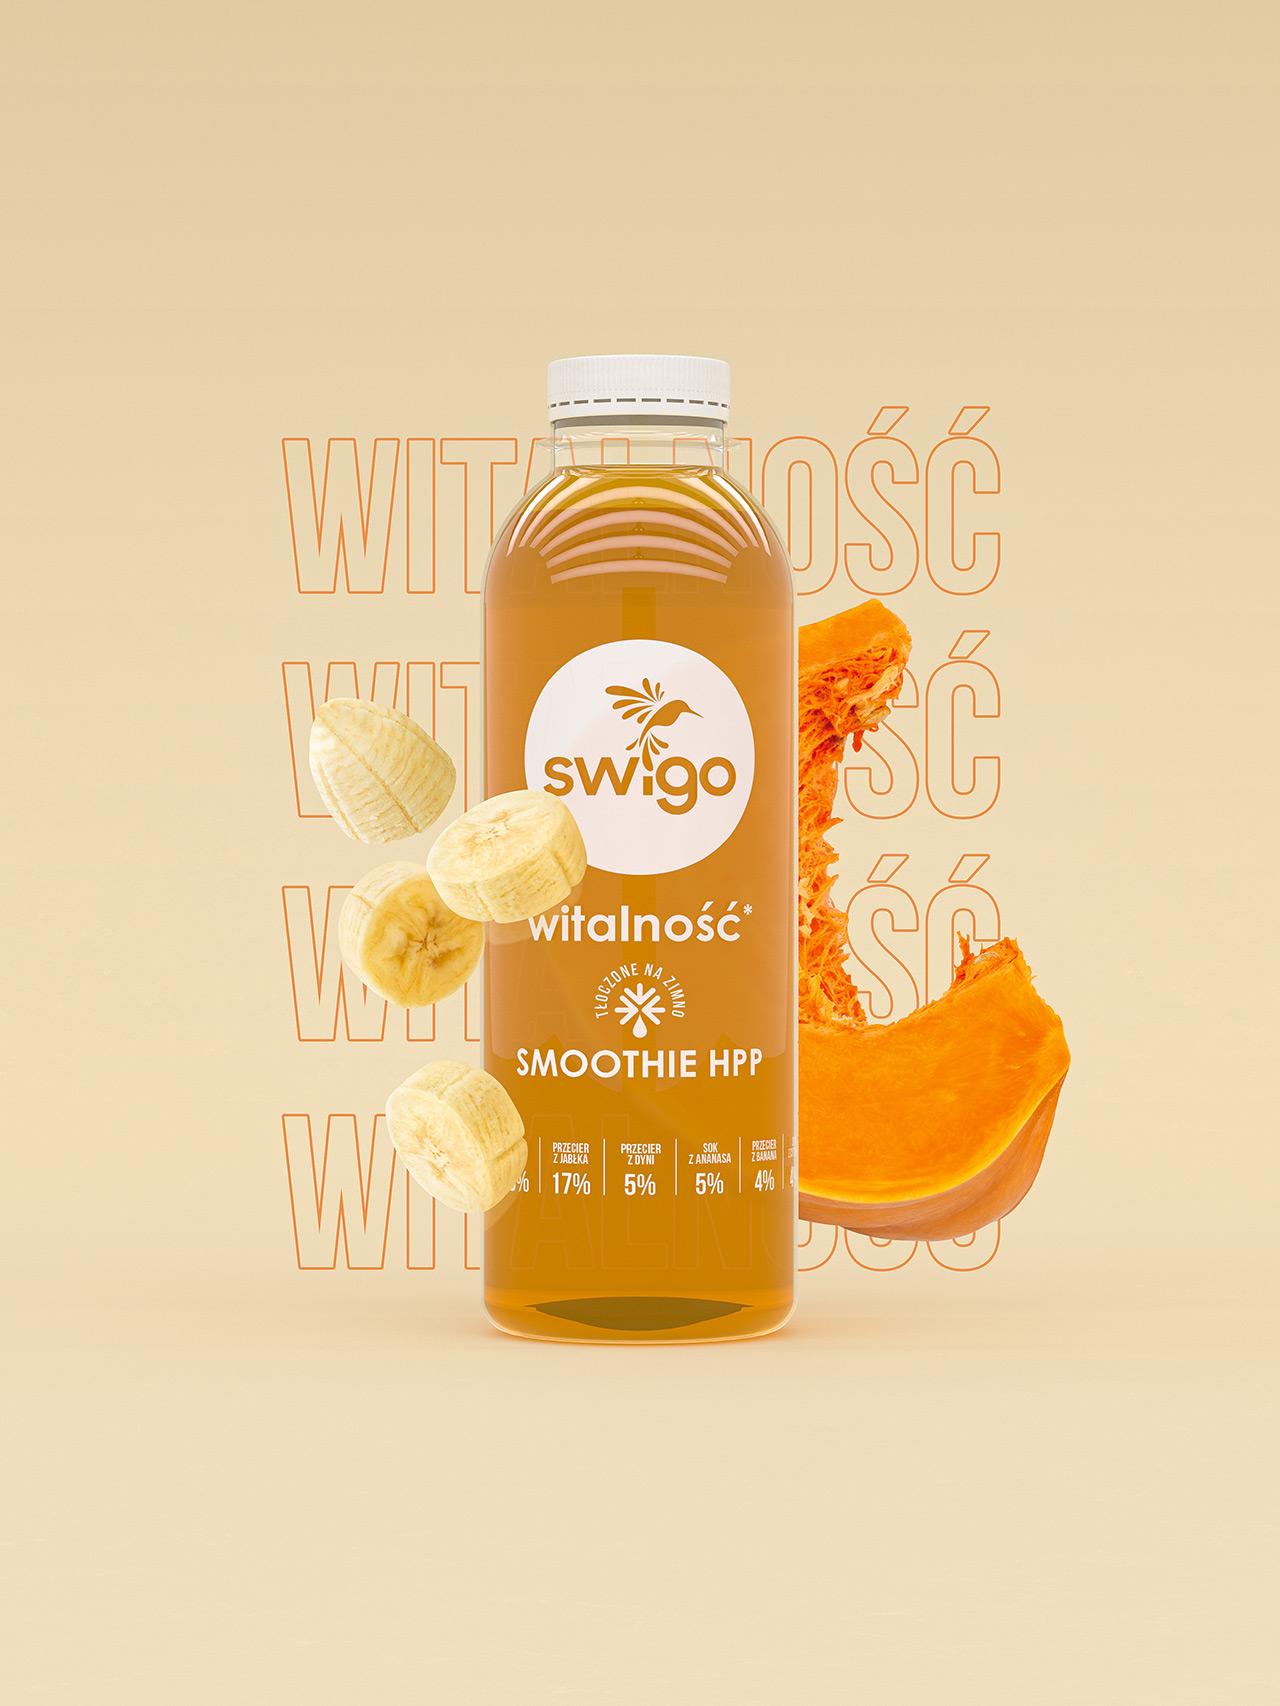 Swigo - witalność